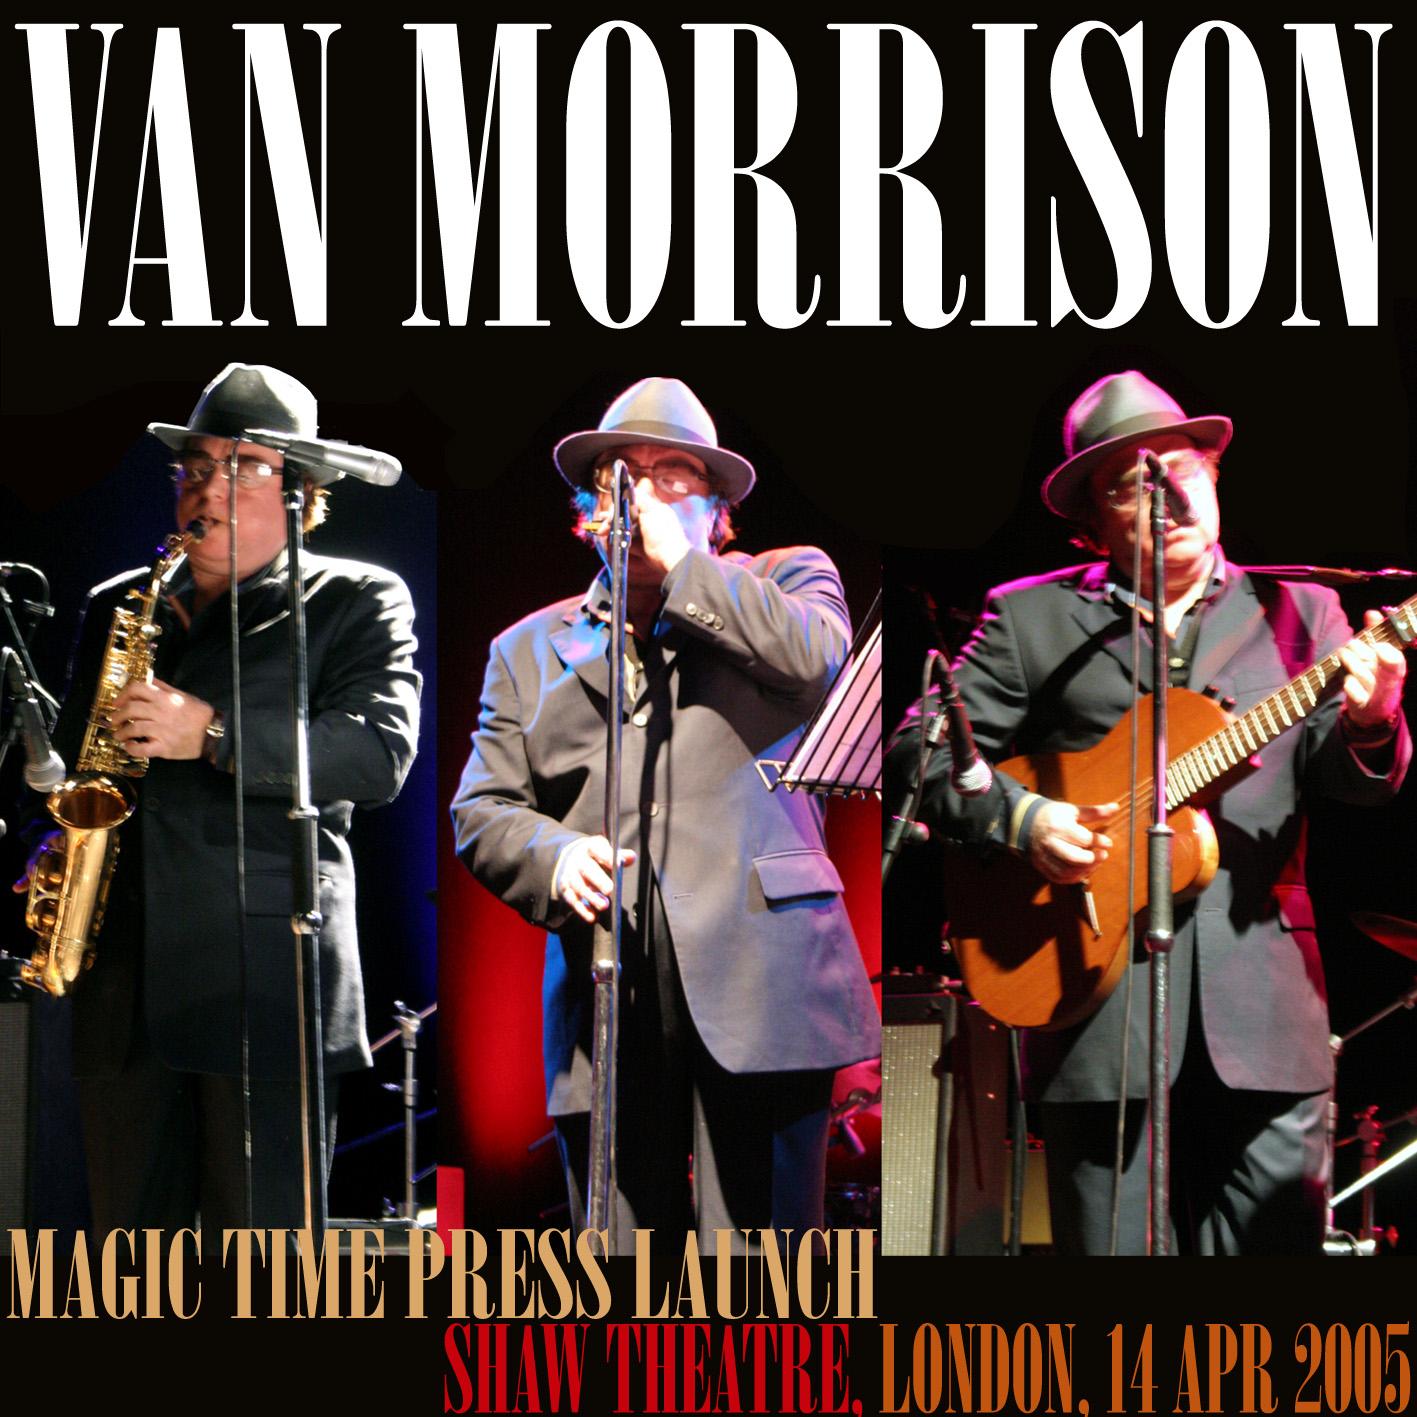 VanMorrison2005-04-14ShawTheatreLondonUK1.jpg